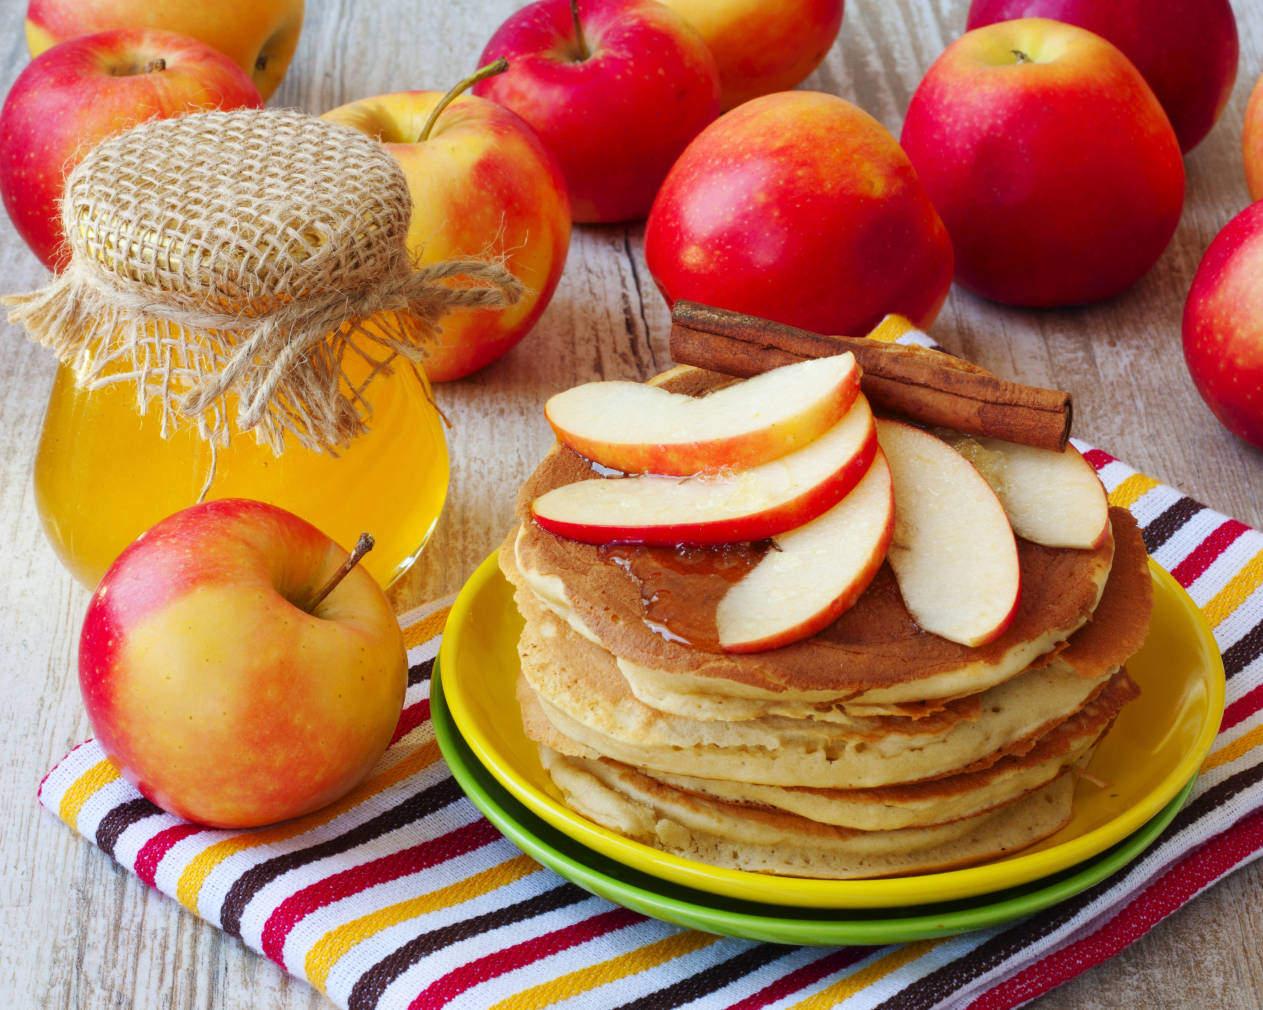 Блины яблочные, ореховые и сметанные - 3 рецепта